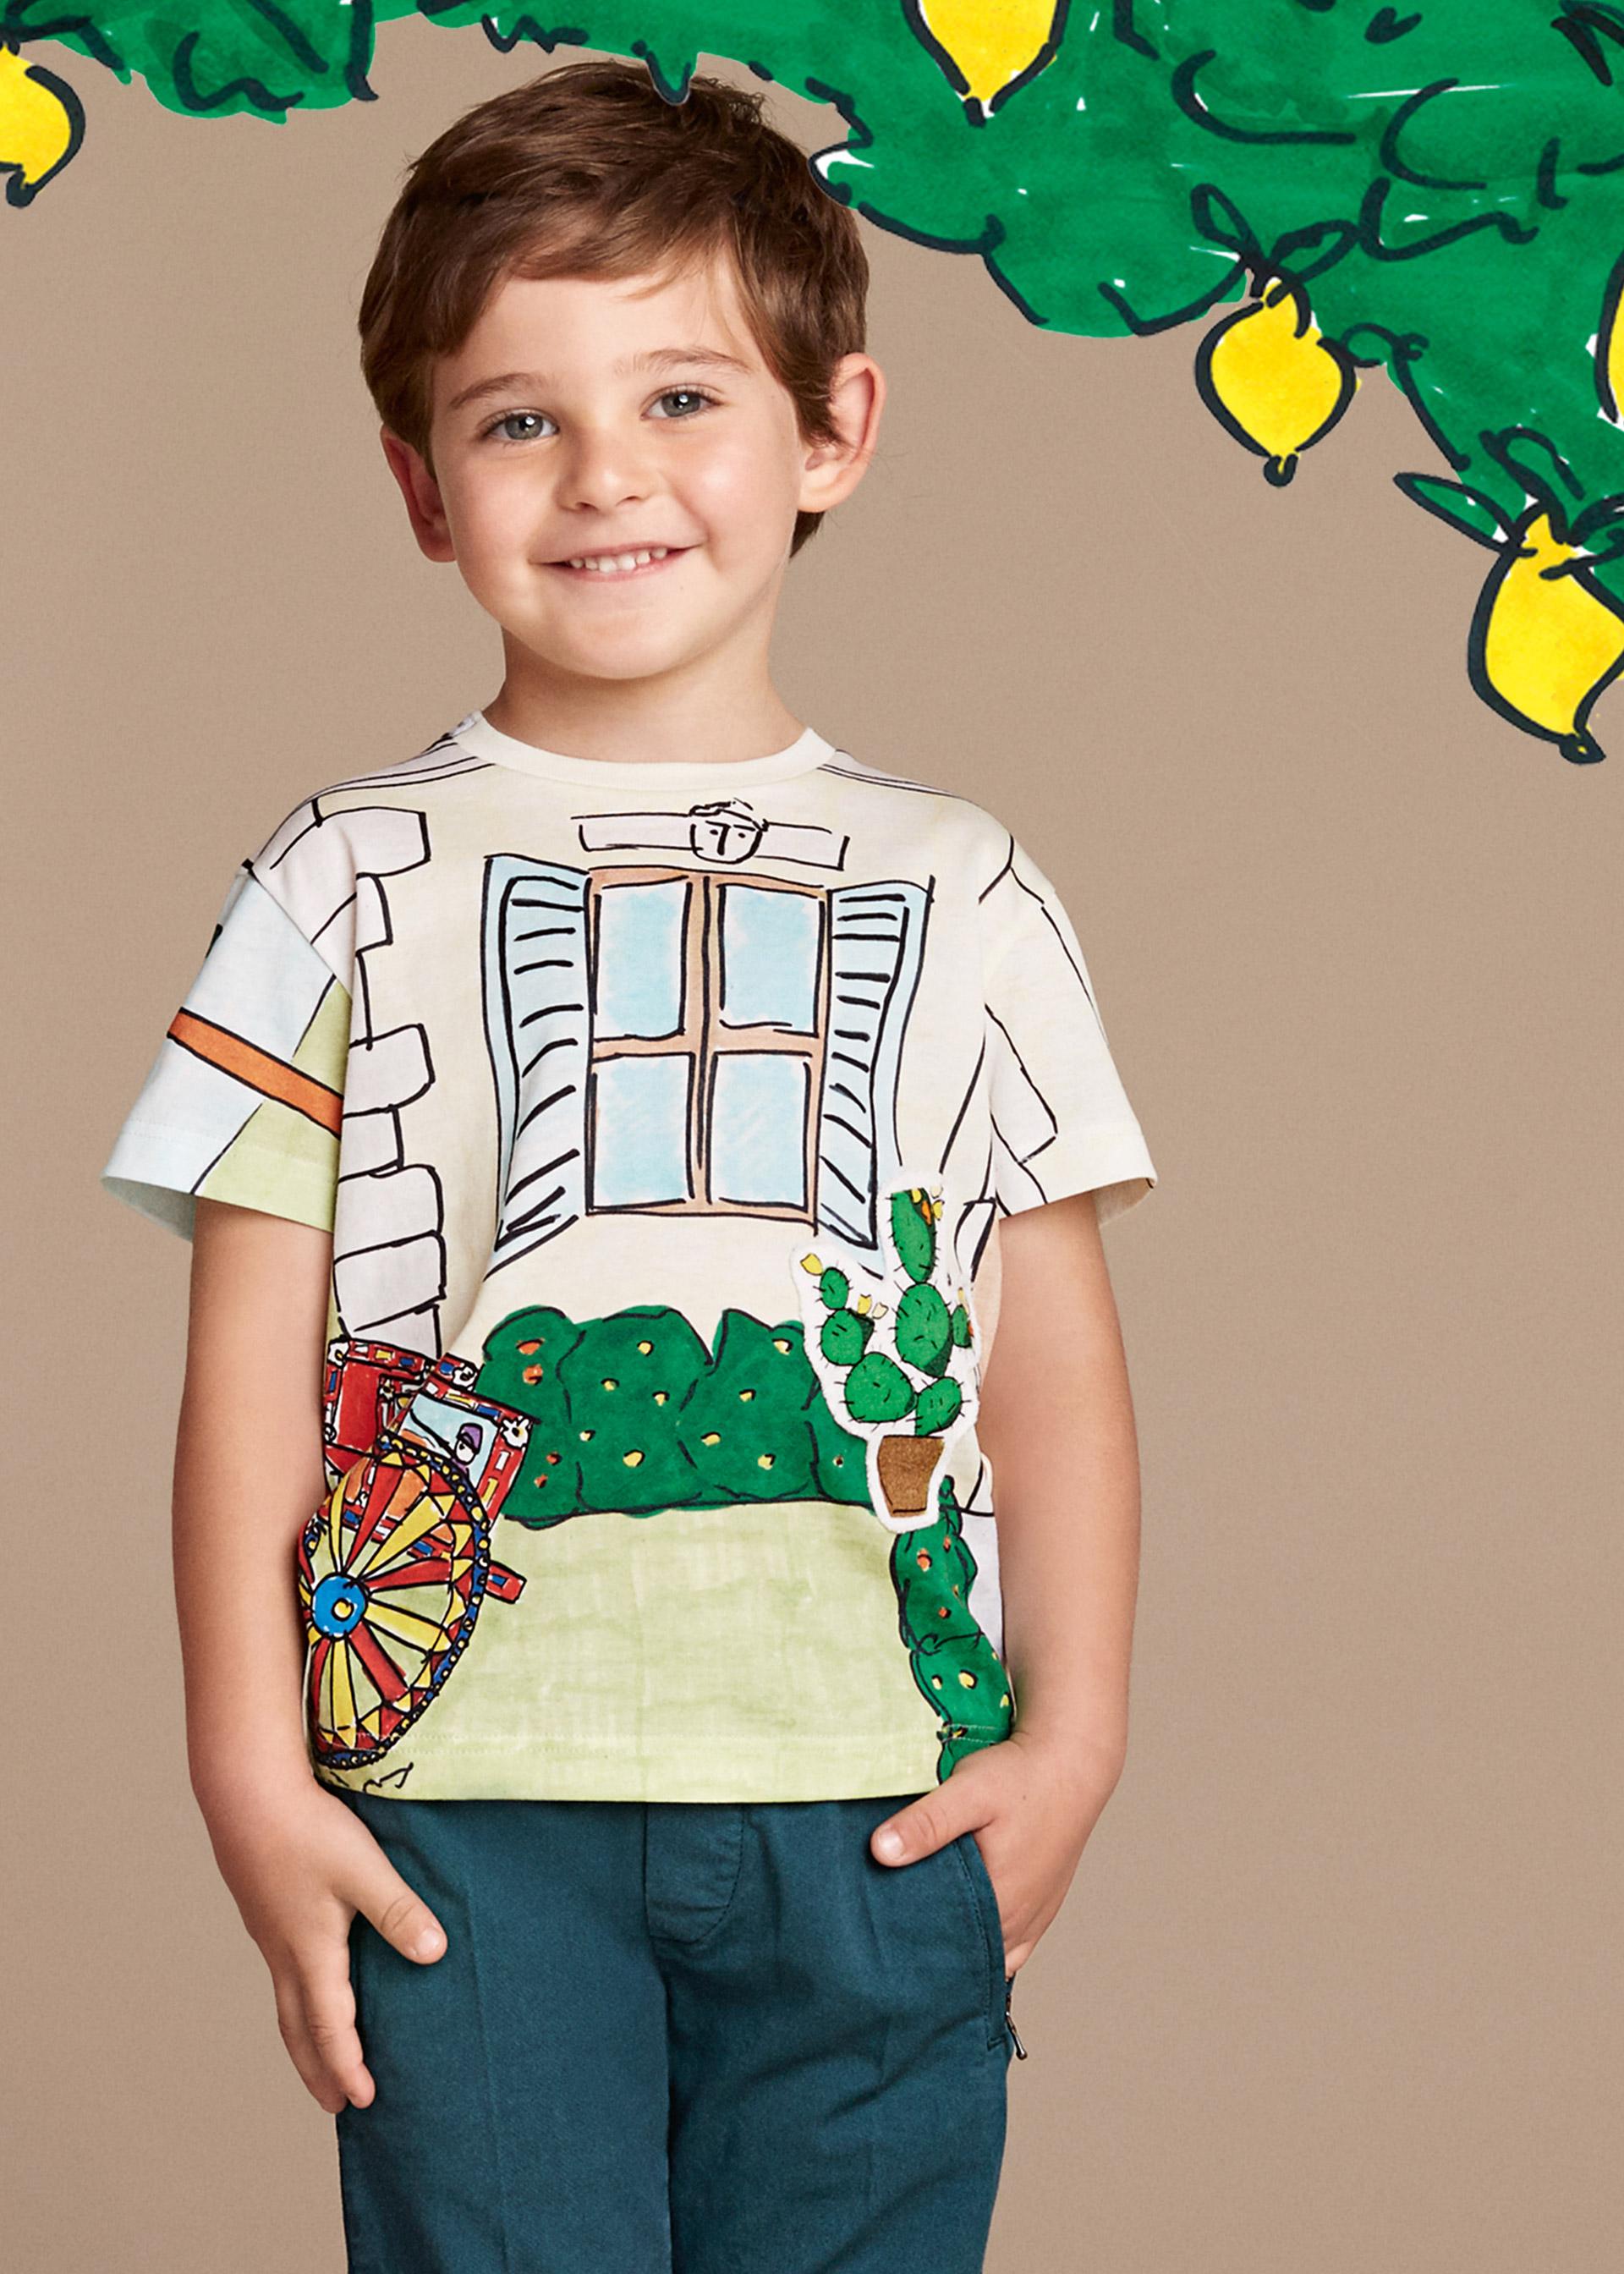 Новая коллекция для детей 2016 - футболка с детским рисунком.